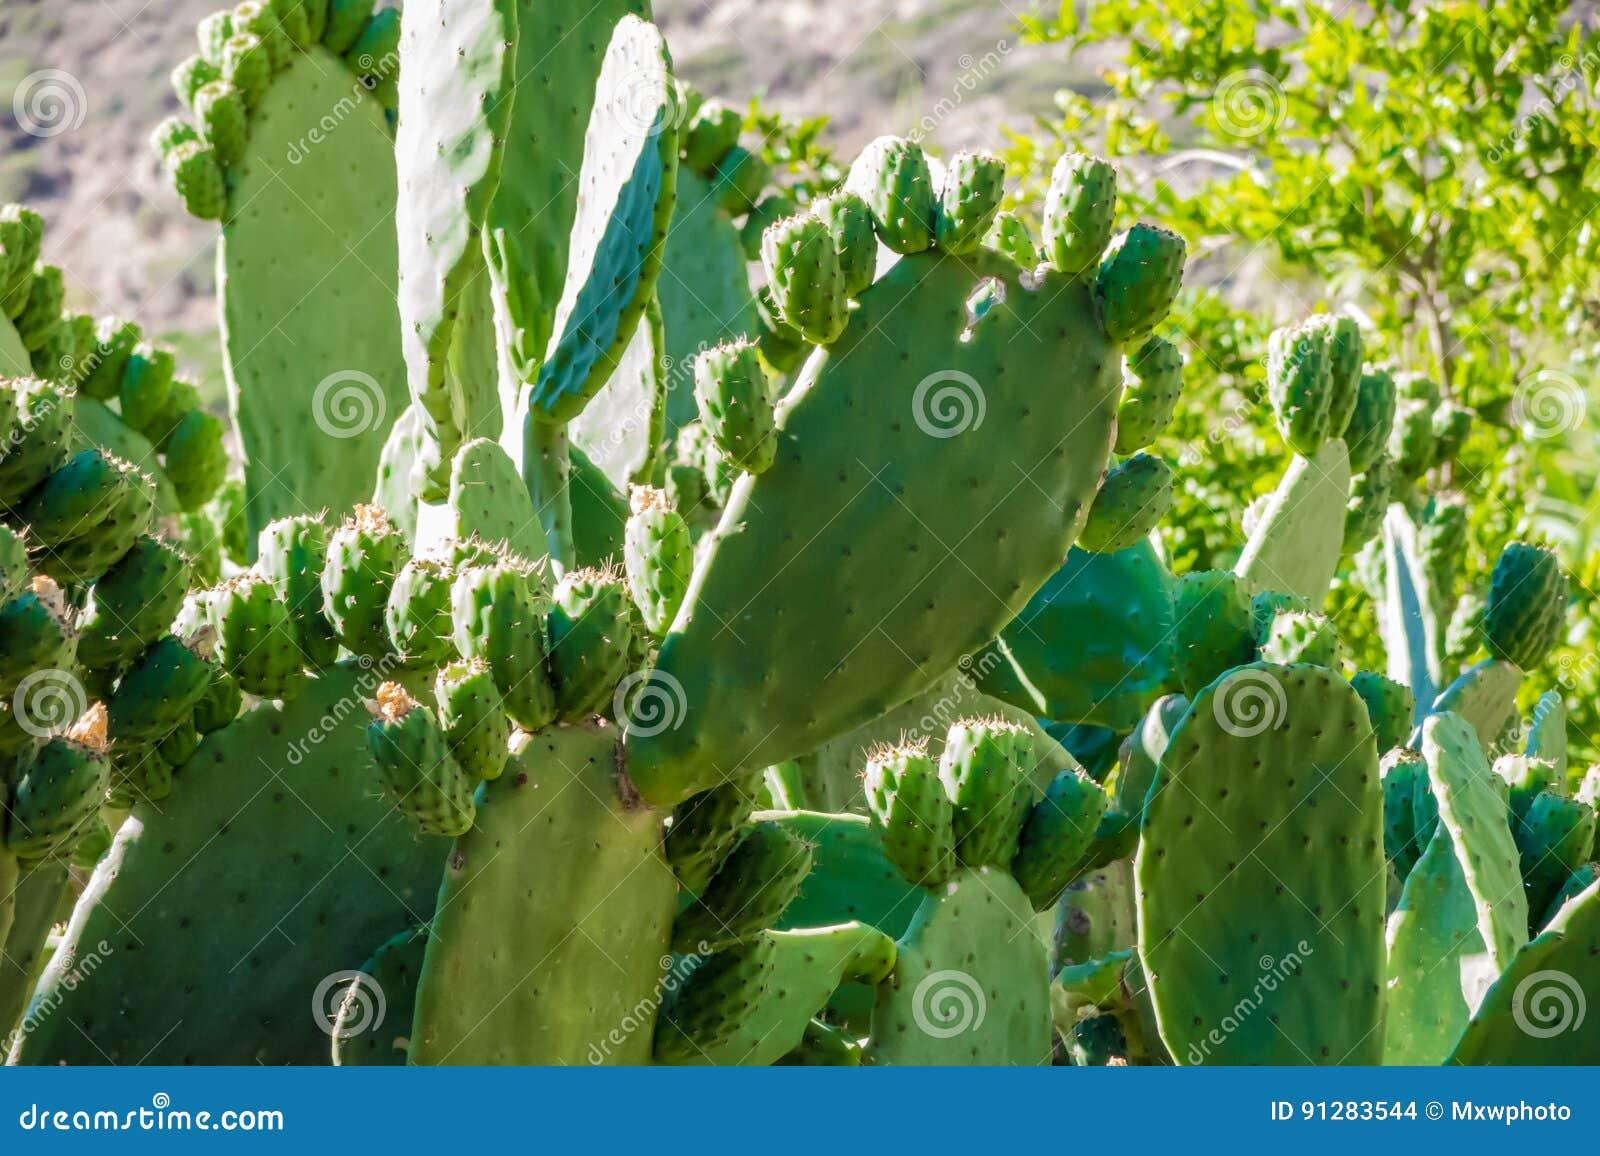 Gamla kaktusväxter med många nya blad i direkt solljus